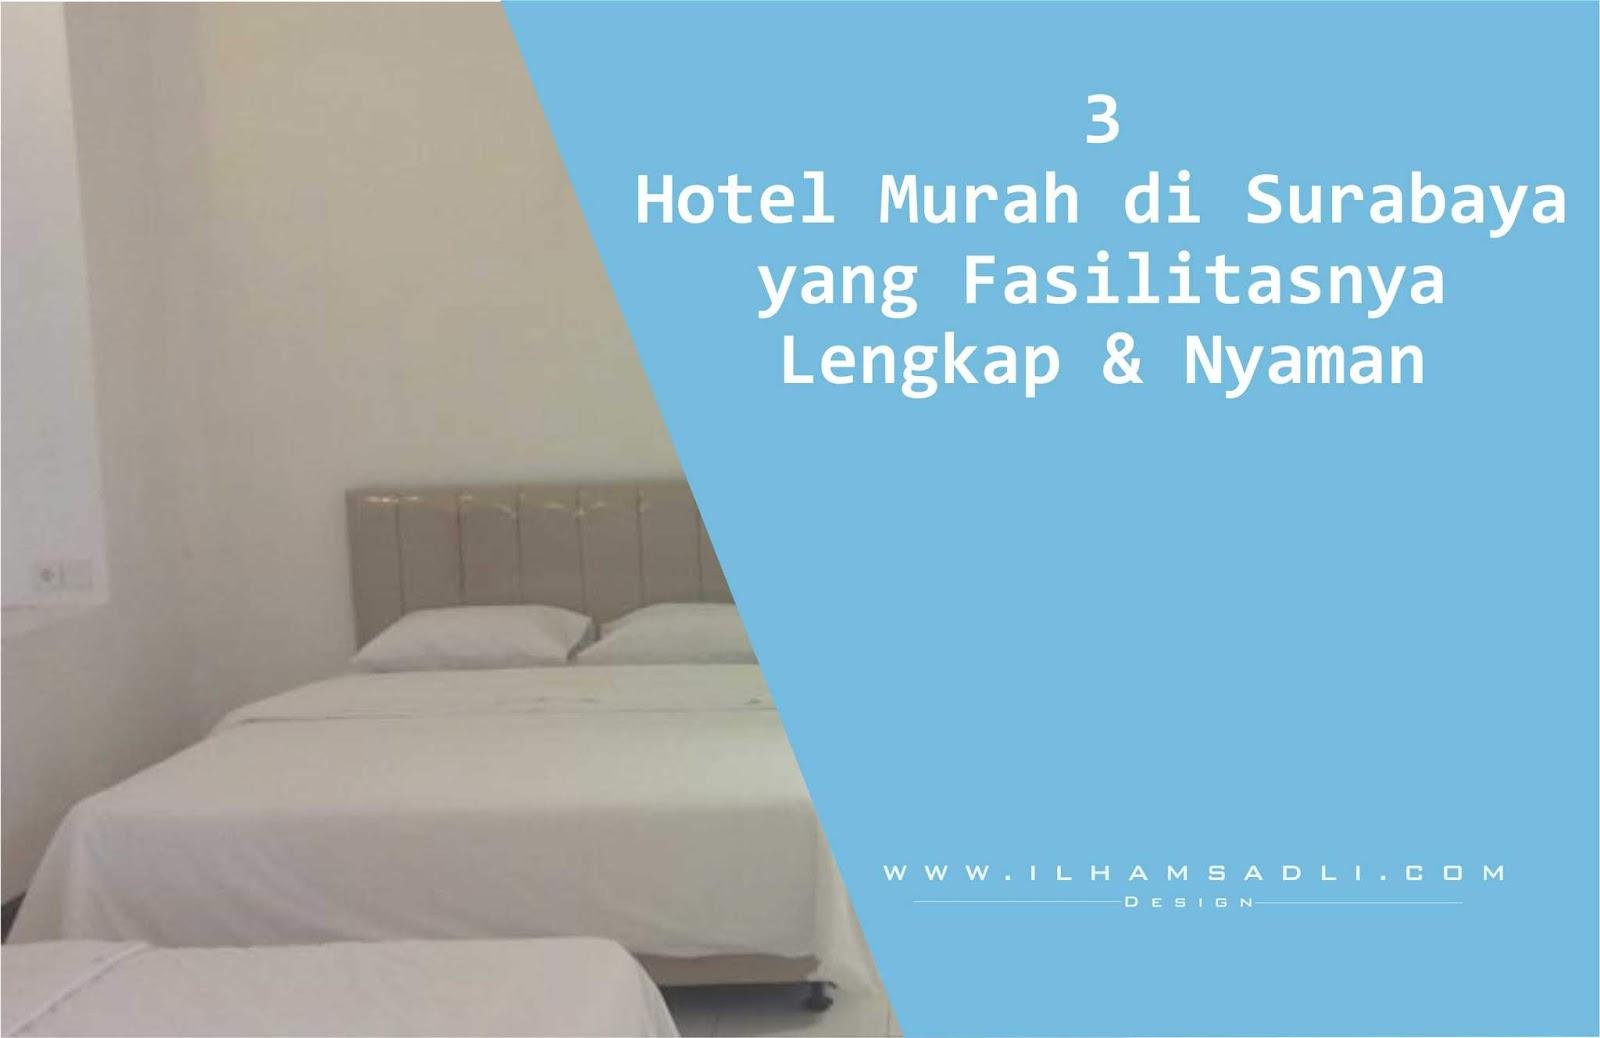 Nih! 3 Hotel Murah di Surabaya Yang Fasilitasnya Lengkap dan Nyaman